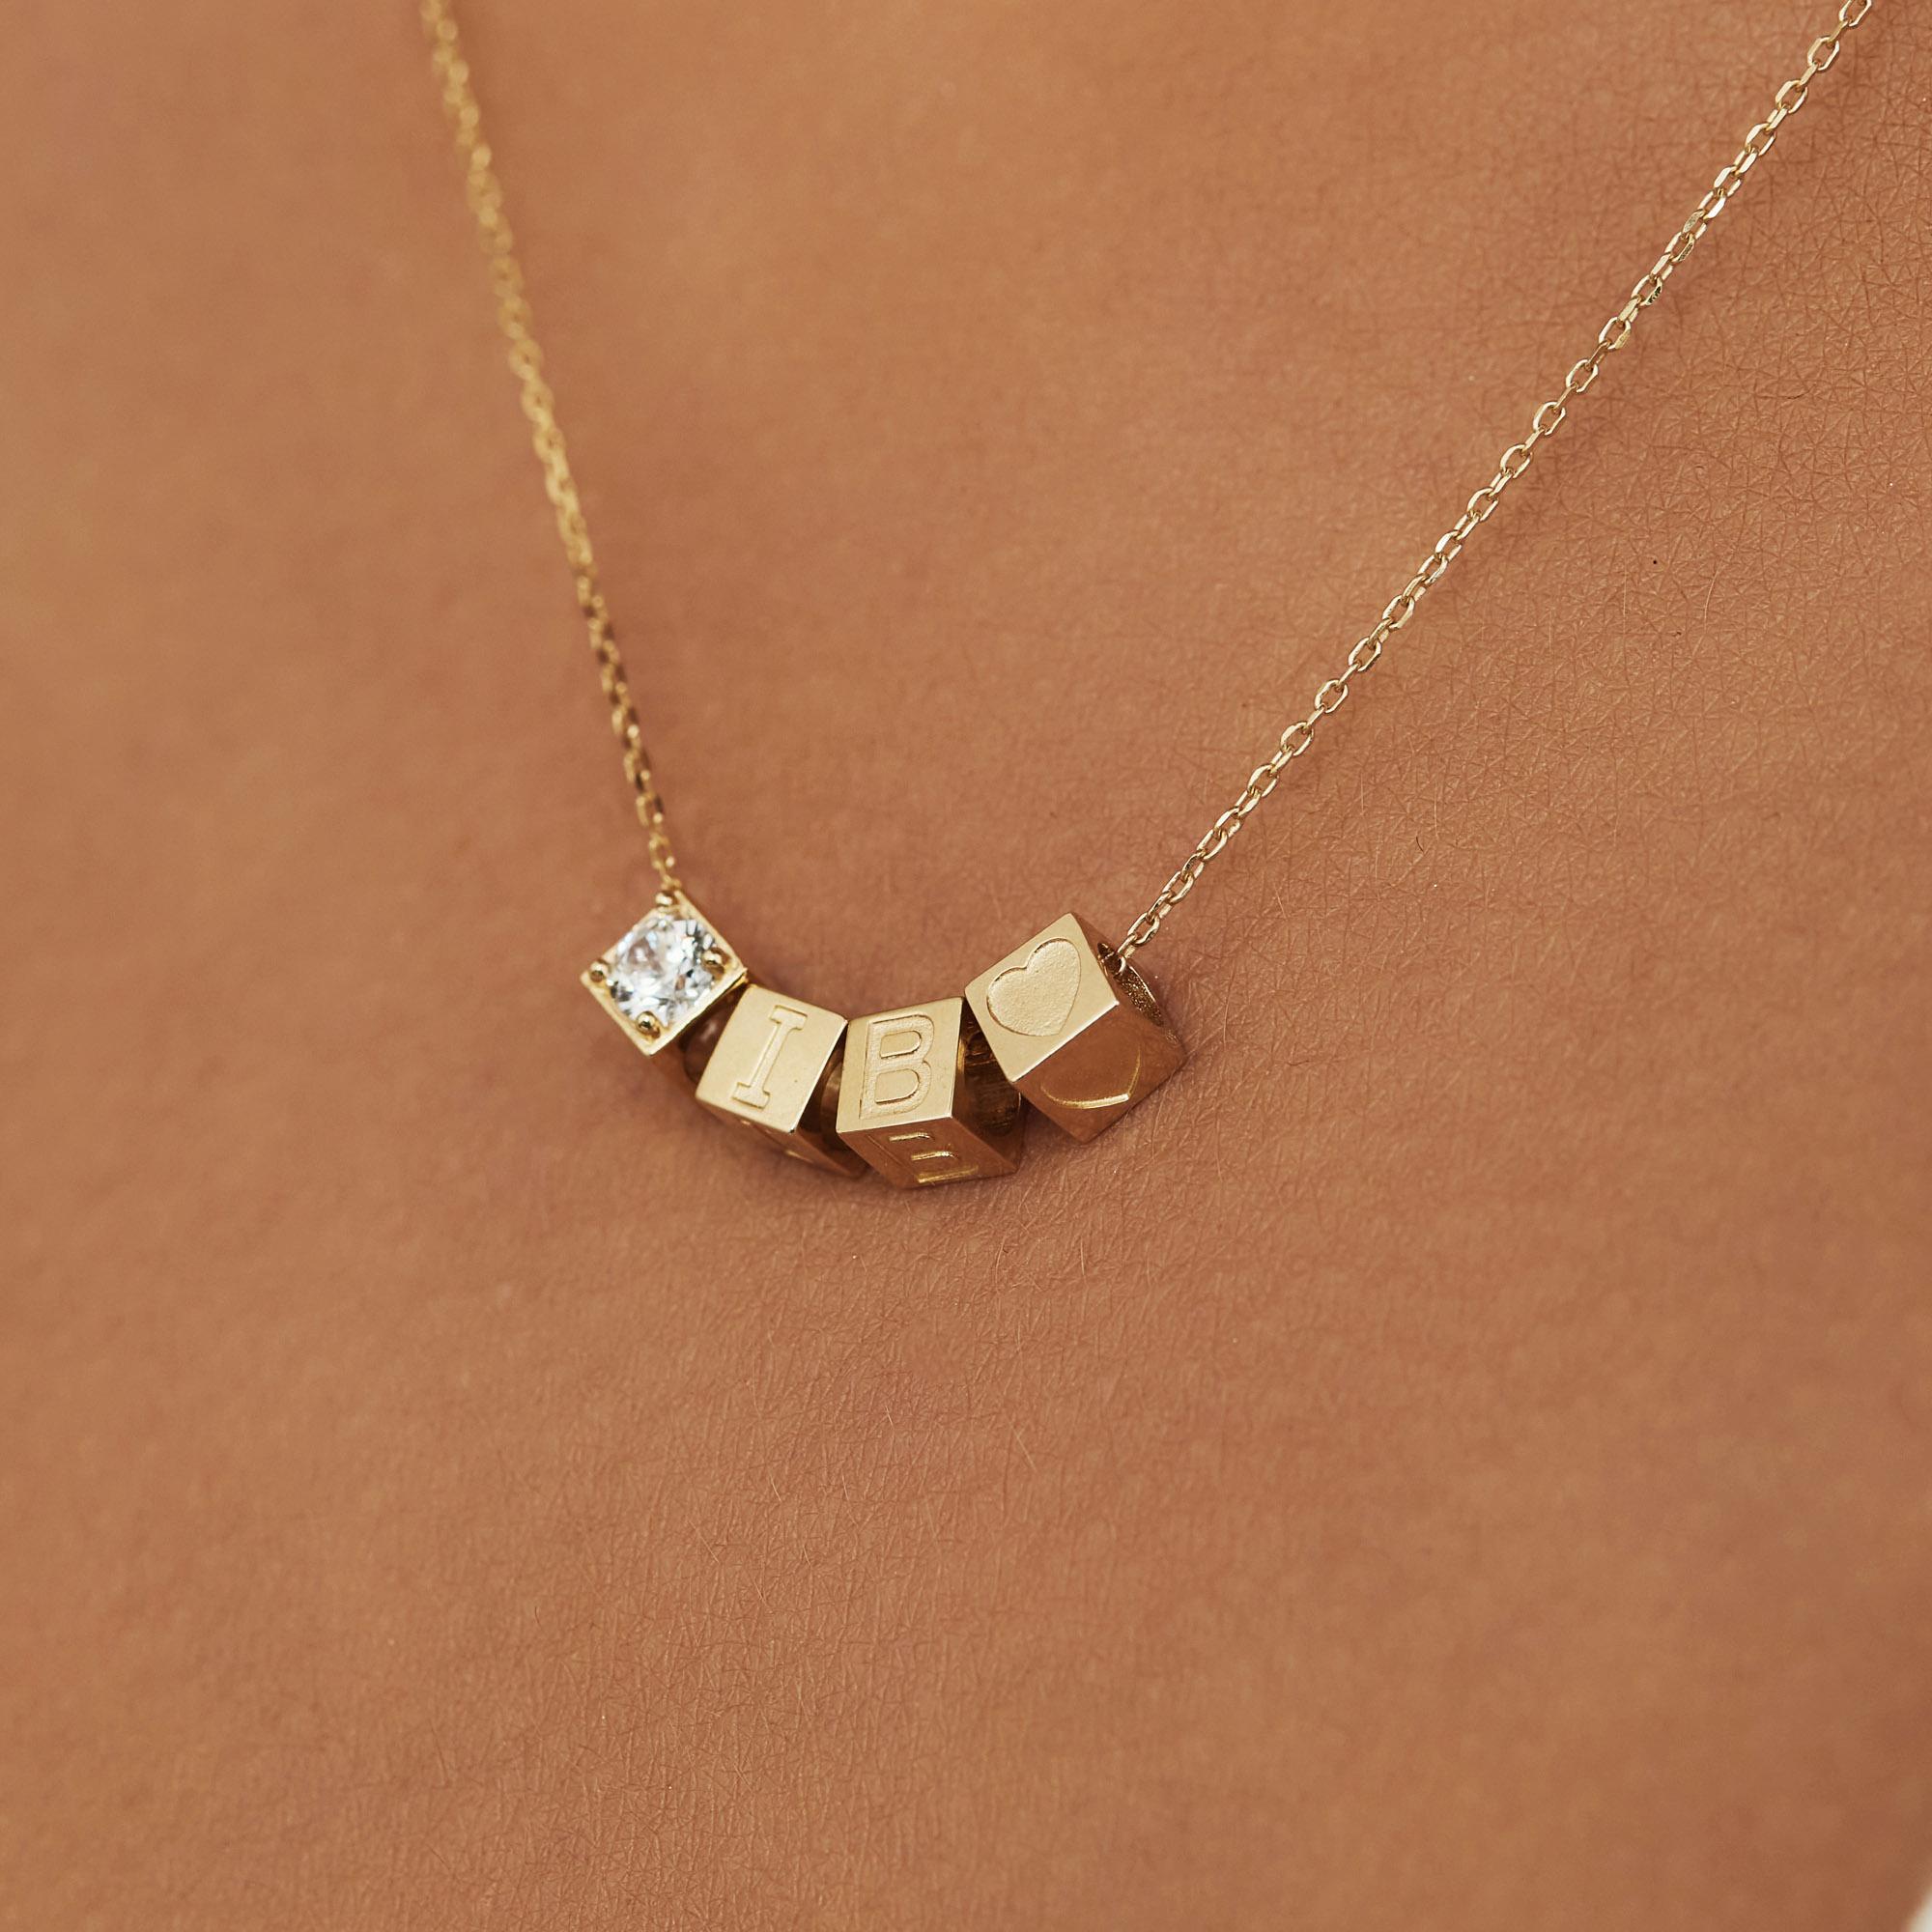 Isabel Bernard Le Carré Felie 14 karaat gouden kubus bedel met zirkonia